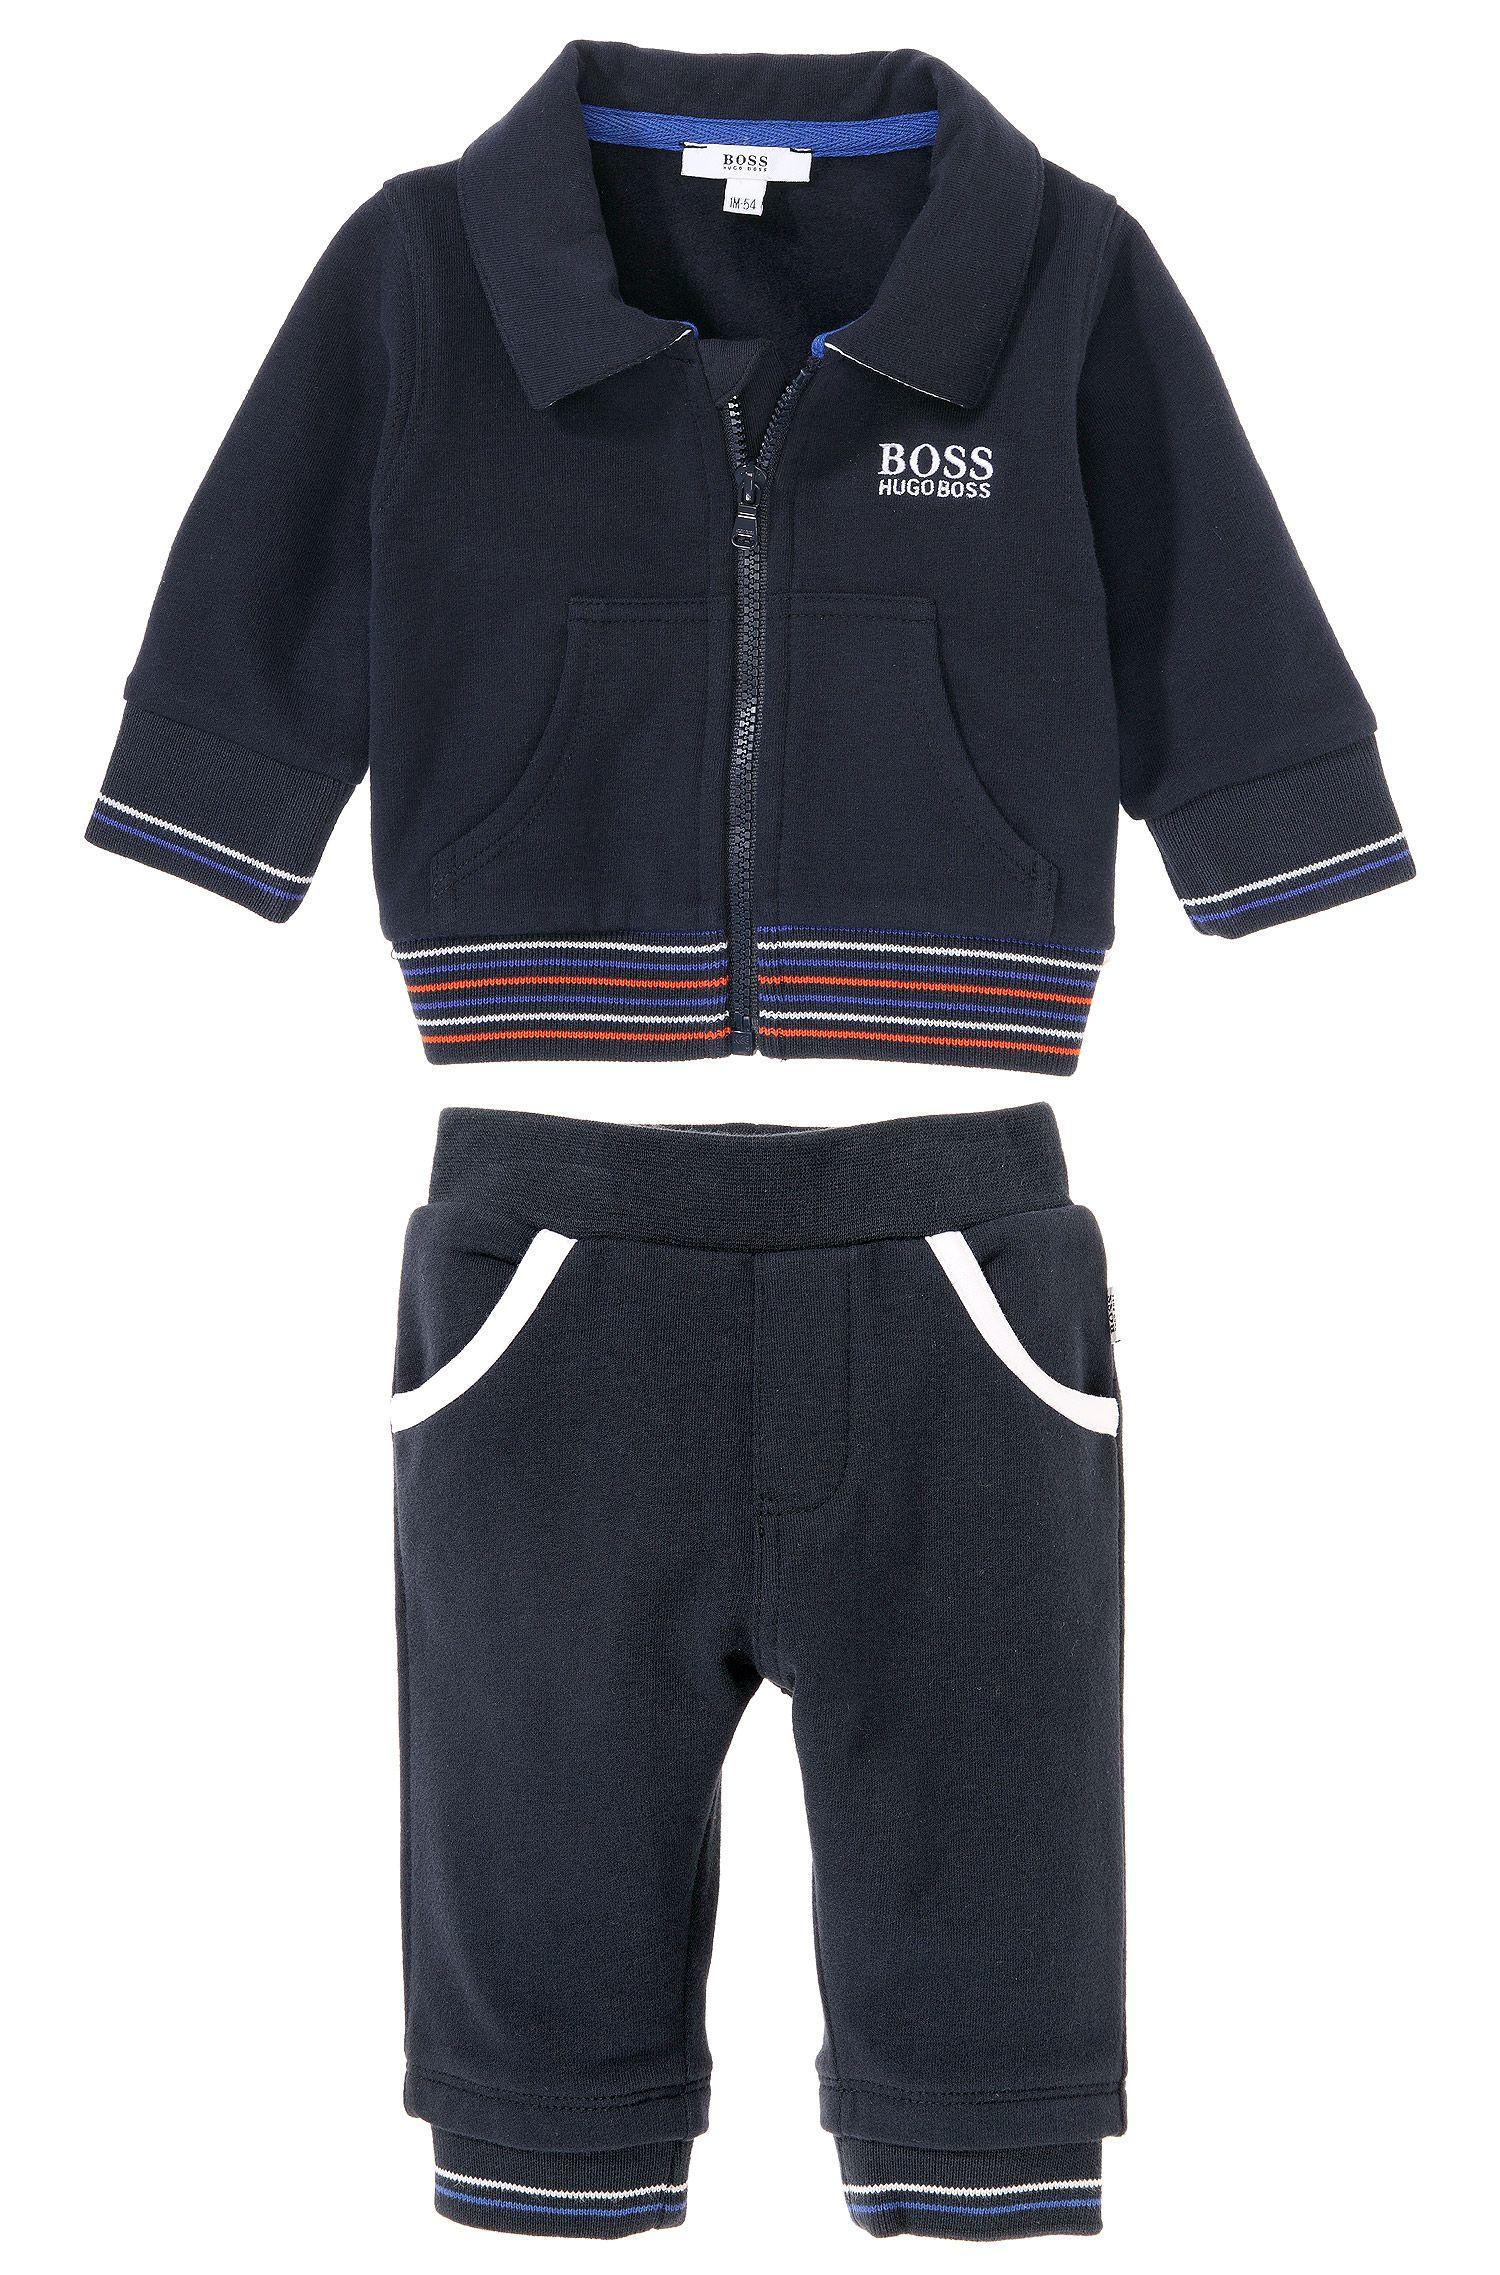 Pantalon de jogging pour enfant «J98109» en coton mélangé